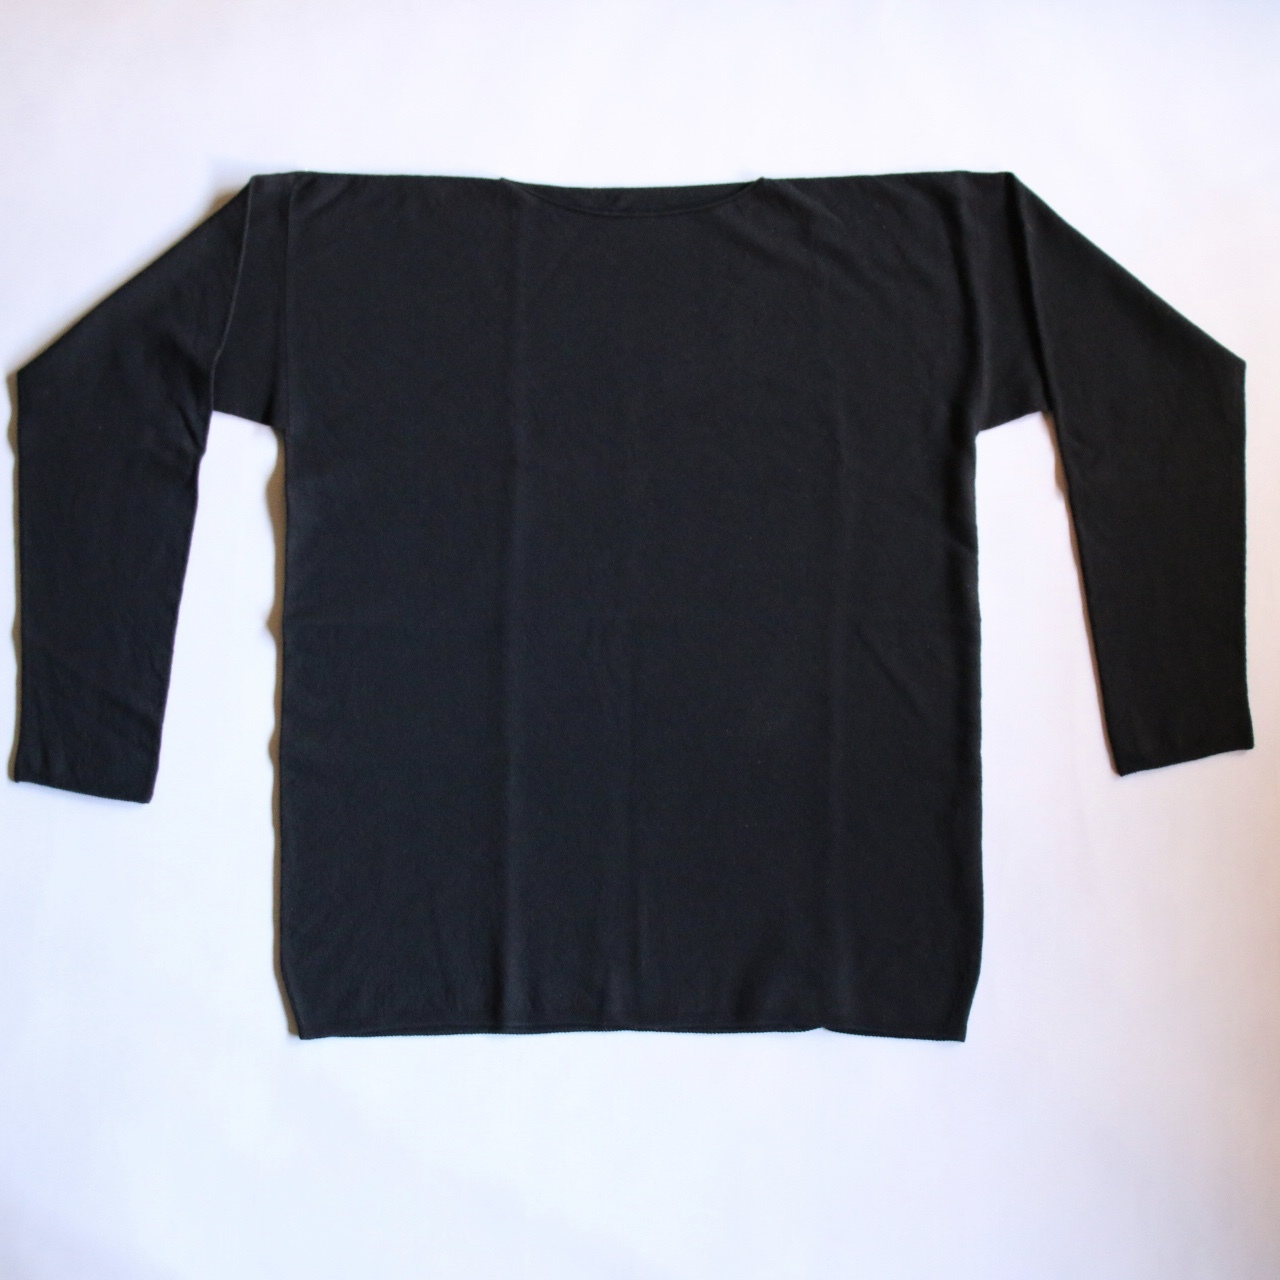 MITTAN KN-06 強撚ウールニット長袖 黒